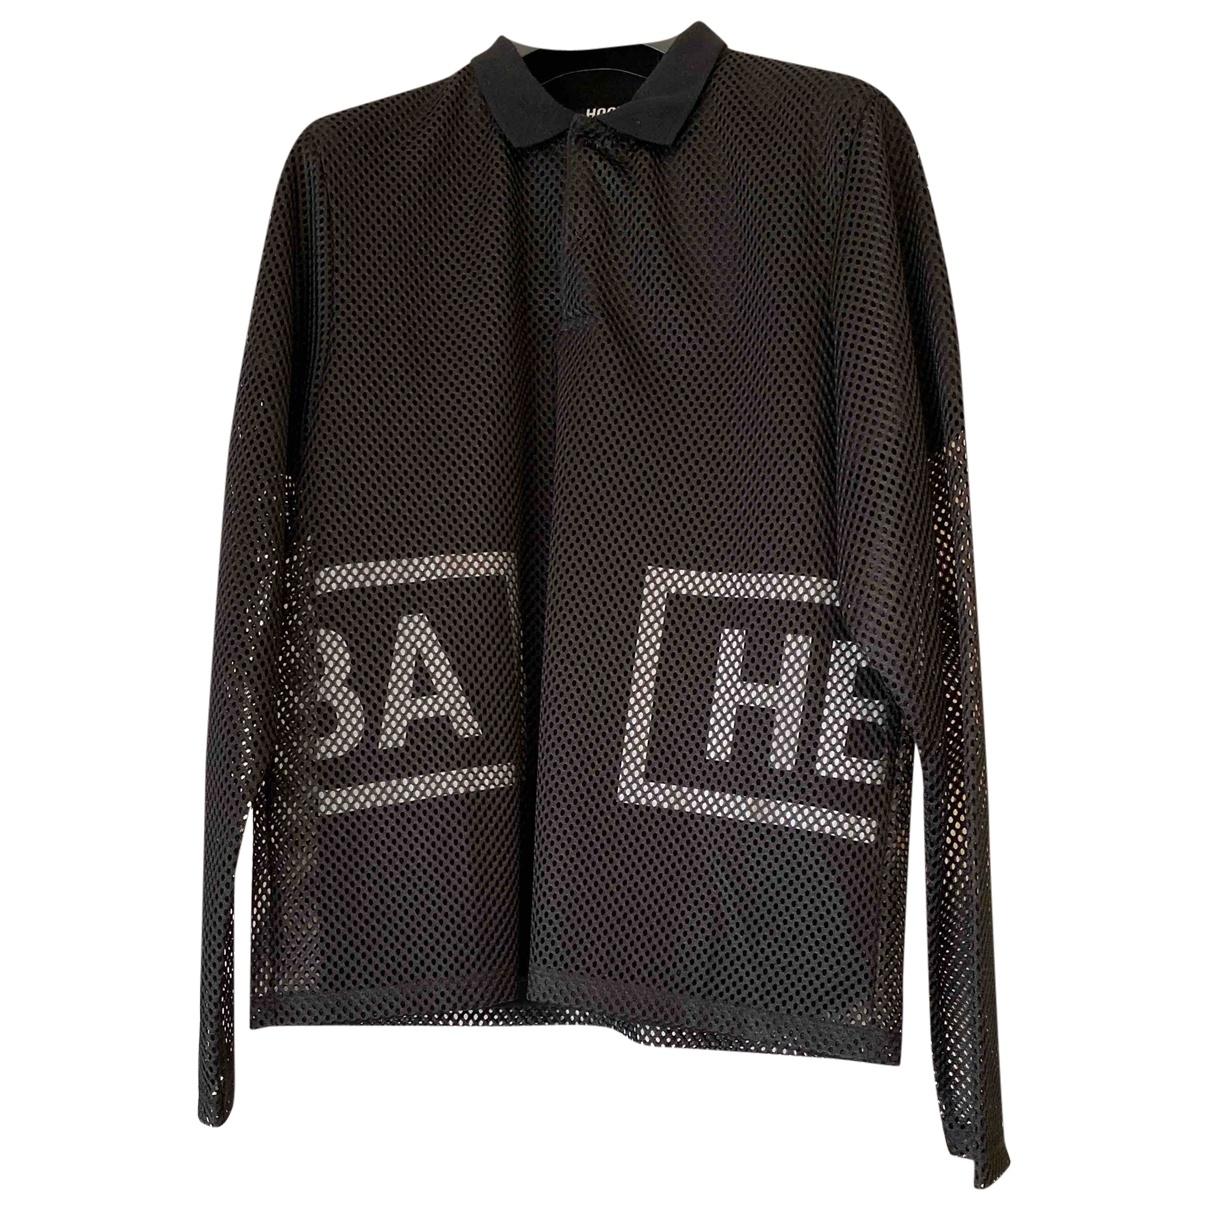 Hba \N T-Shirts in  Schwarz Baumwolle